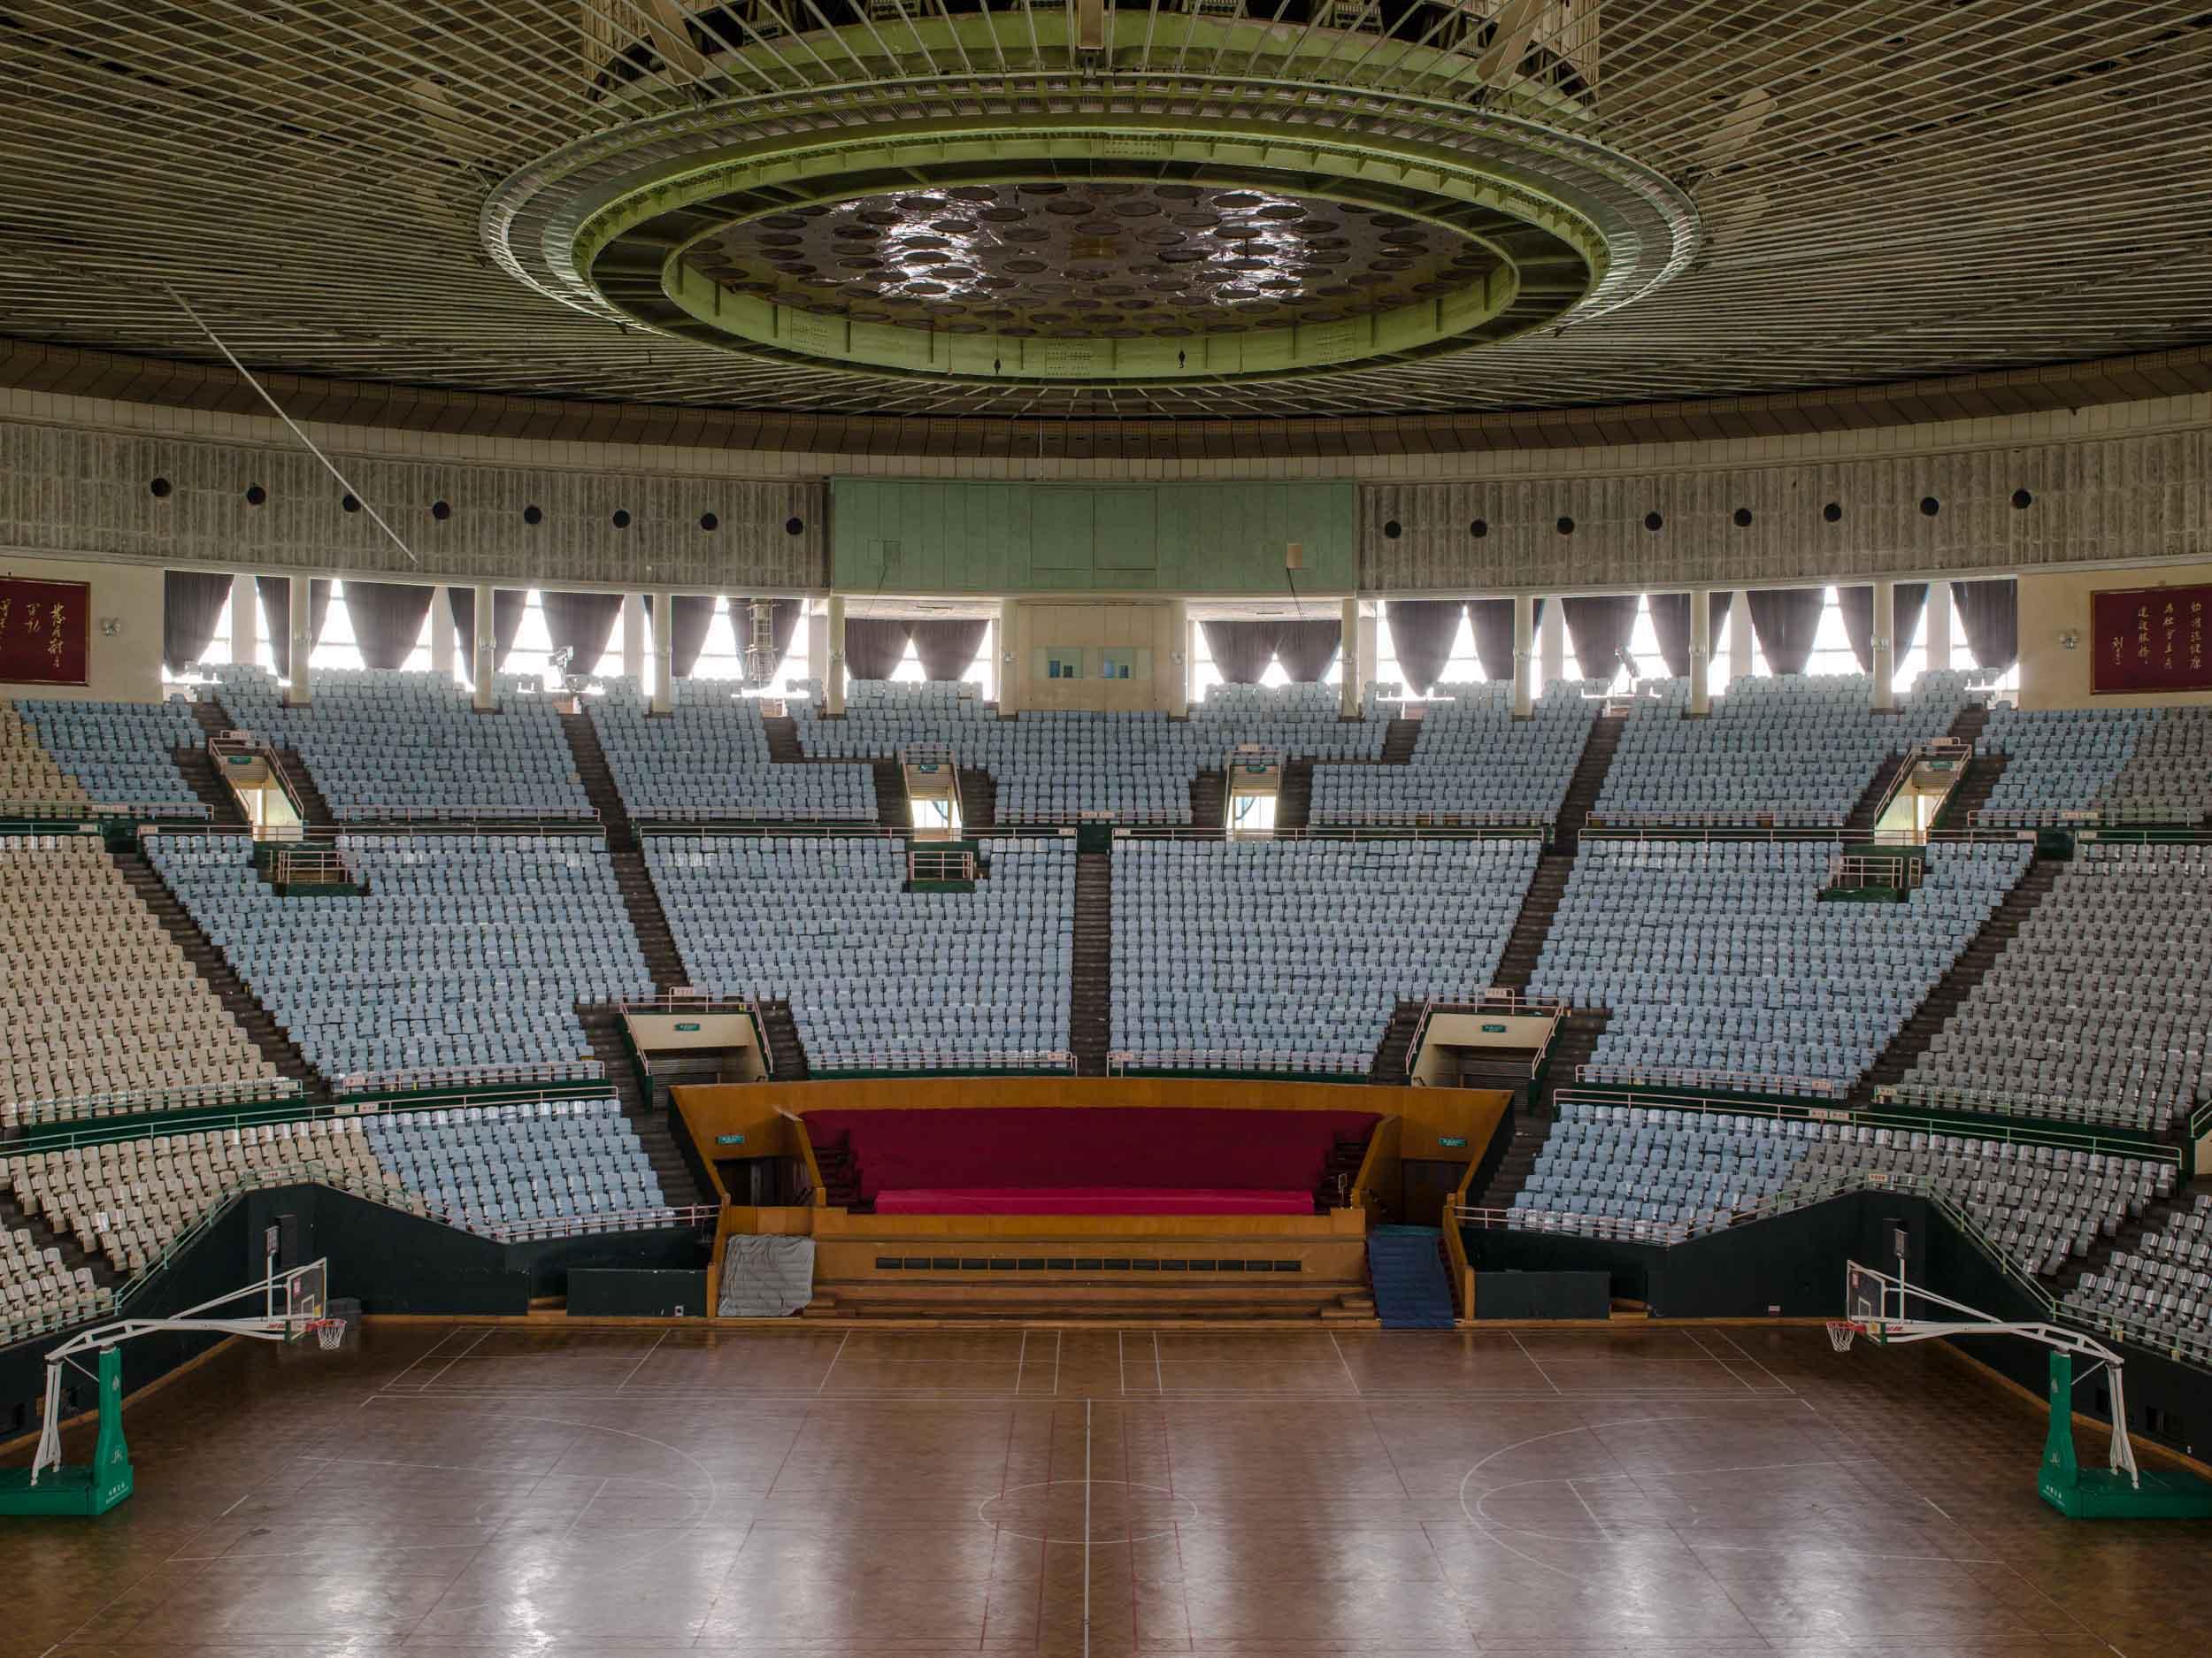 The Workers Stadium, Beijing